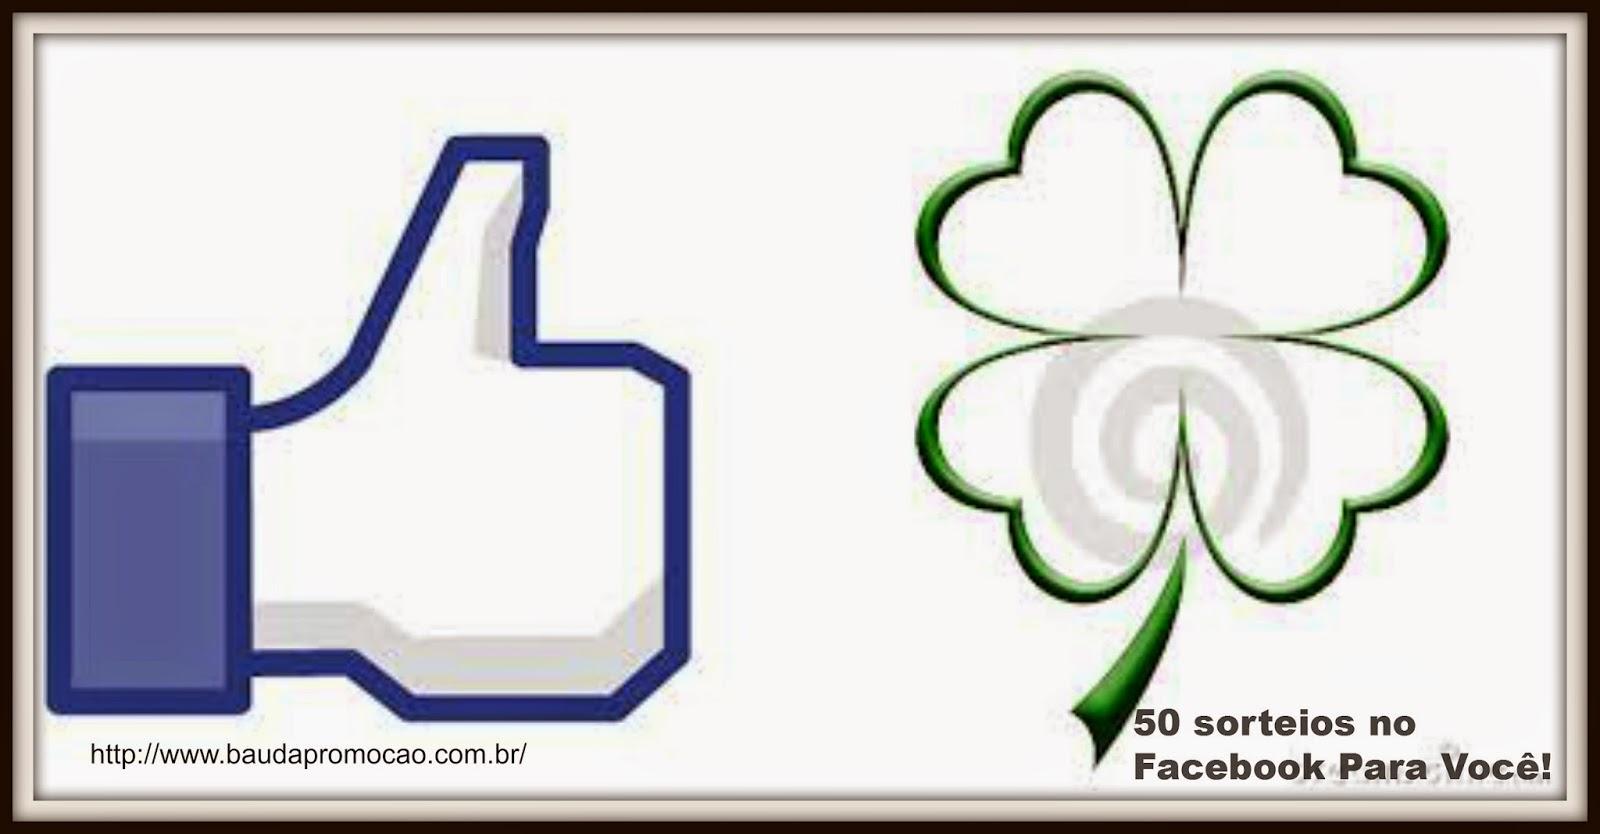 52 Sorteios no Facebook para você concorrer a vários prêmios!